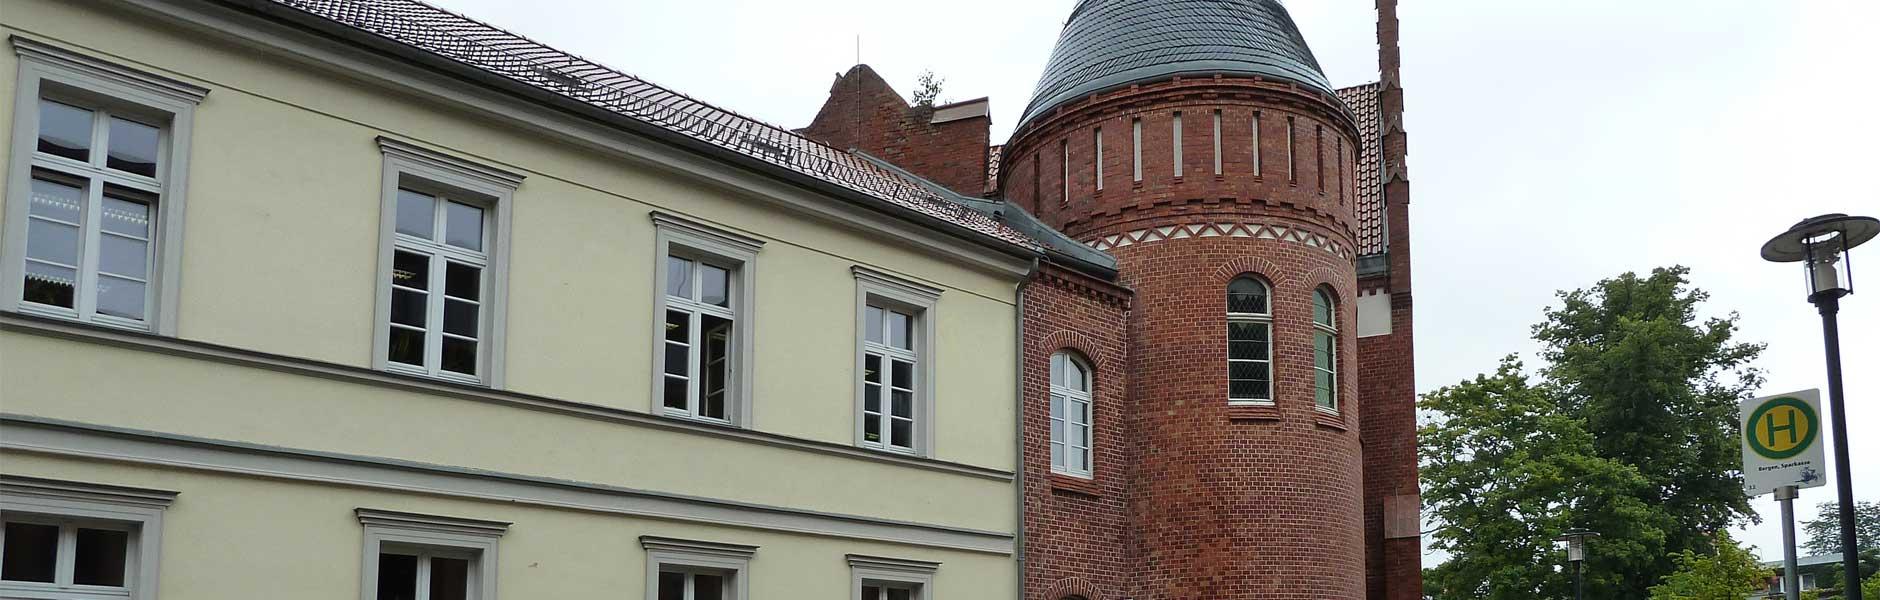 Instandsetzung, Modernisierung und Umbau des Amtsgerichts Bergen